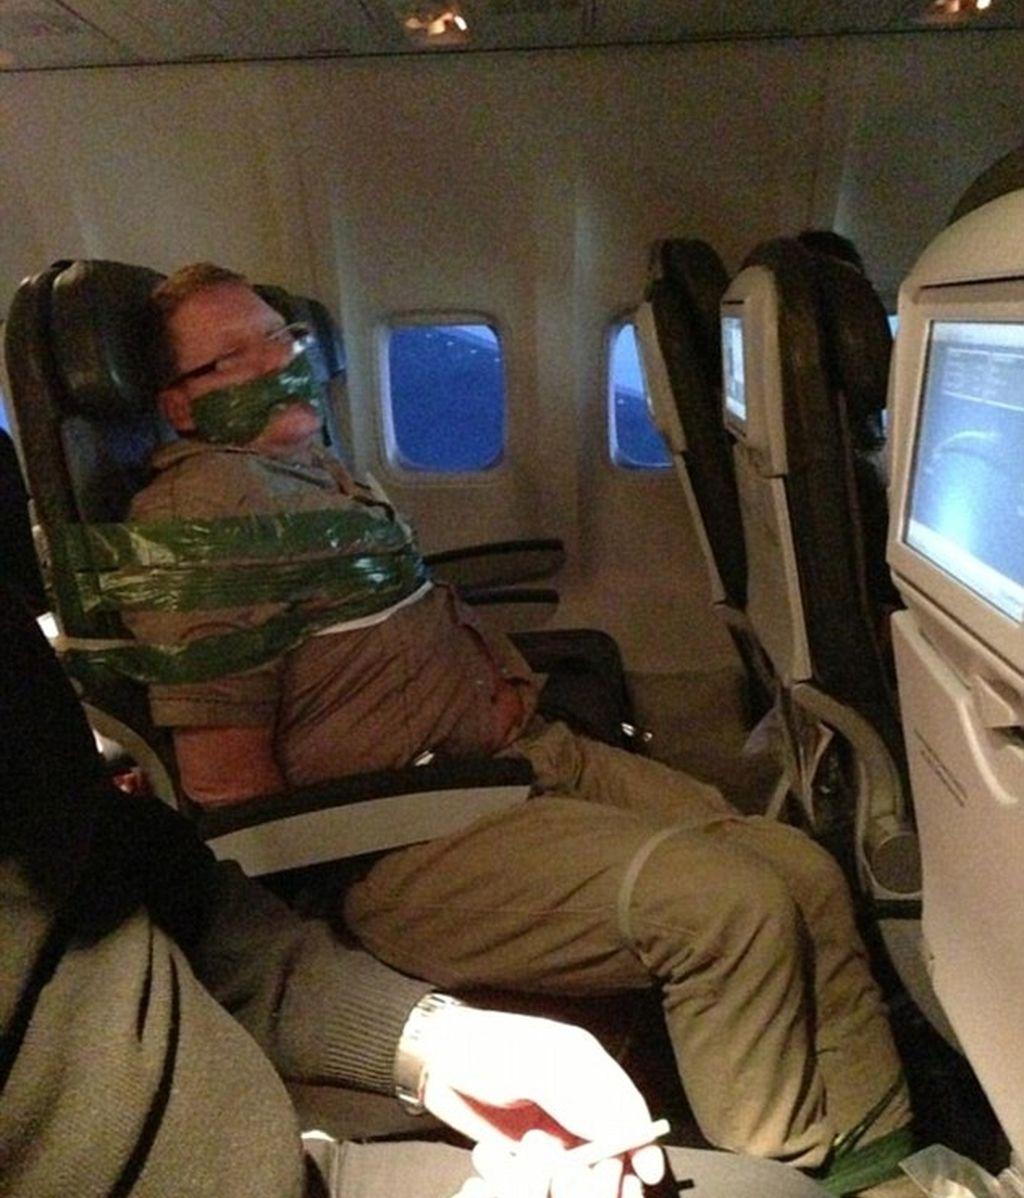 Atado a su asiento del avión por ir borracho y armar un escándalo. Foto: DailyMail